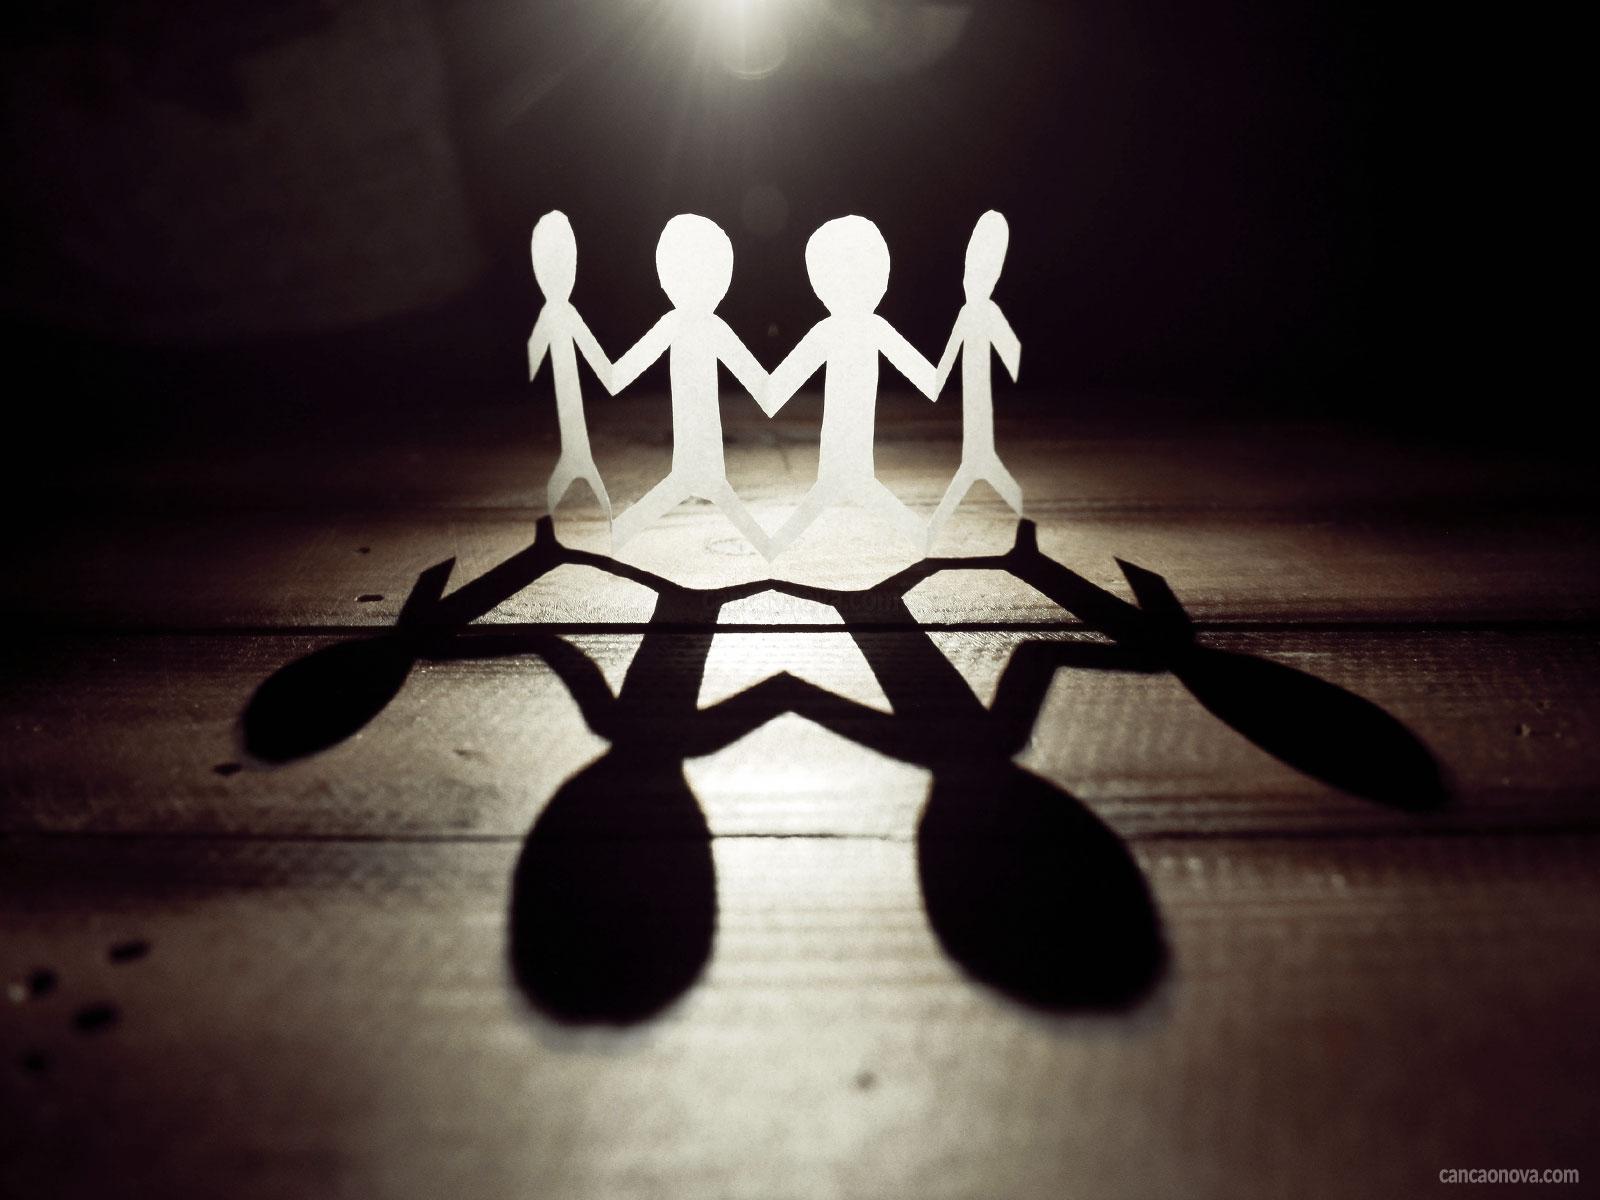 Juntar-vidas-é-juntar-limitações